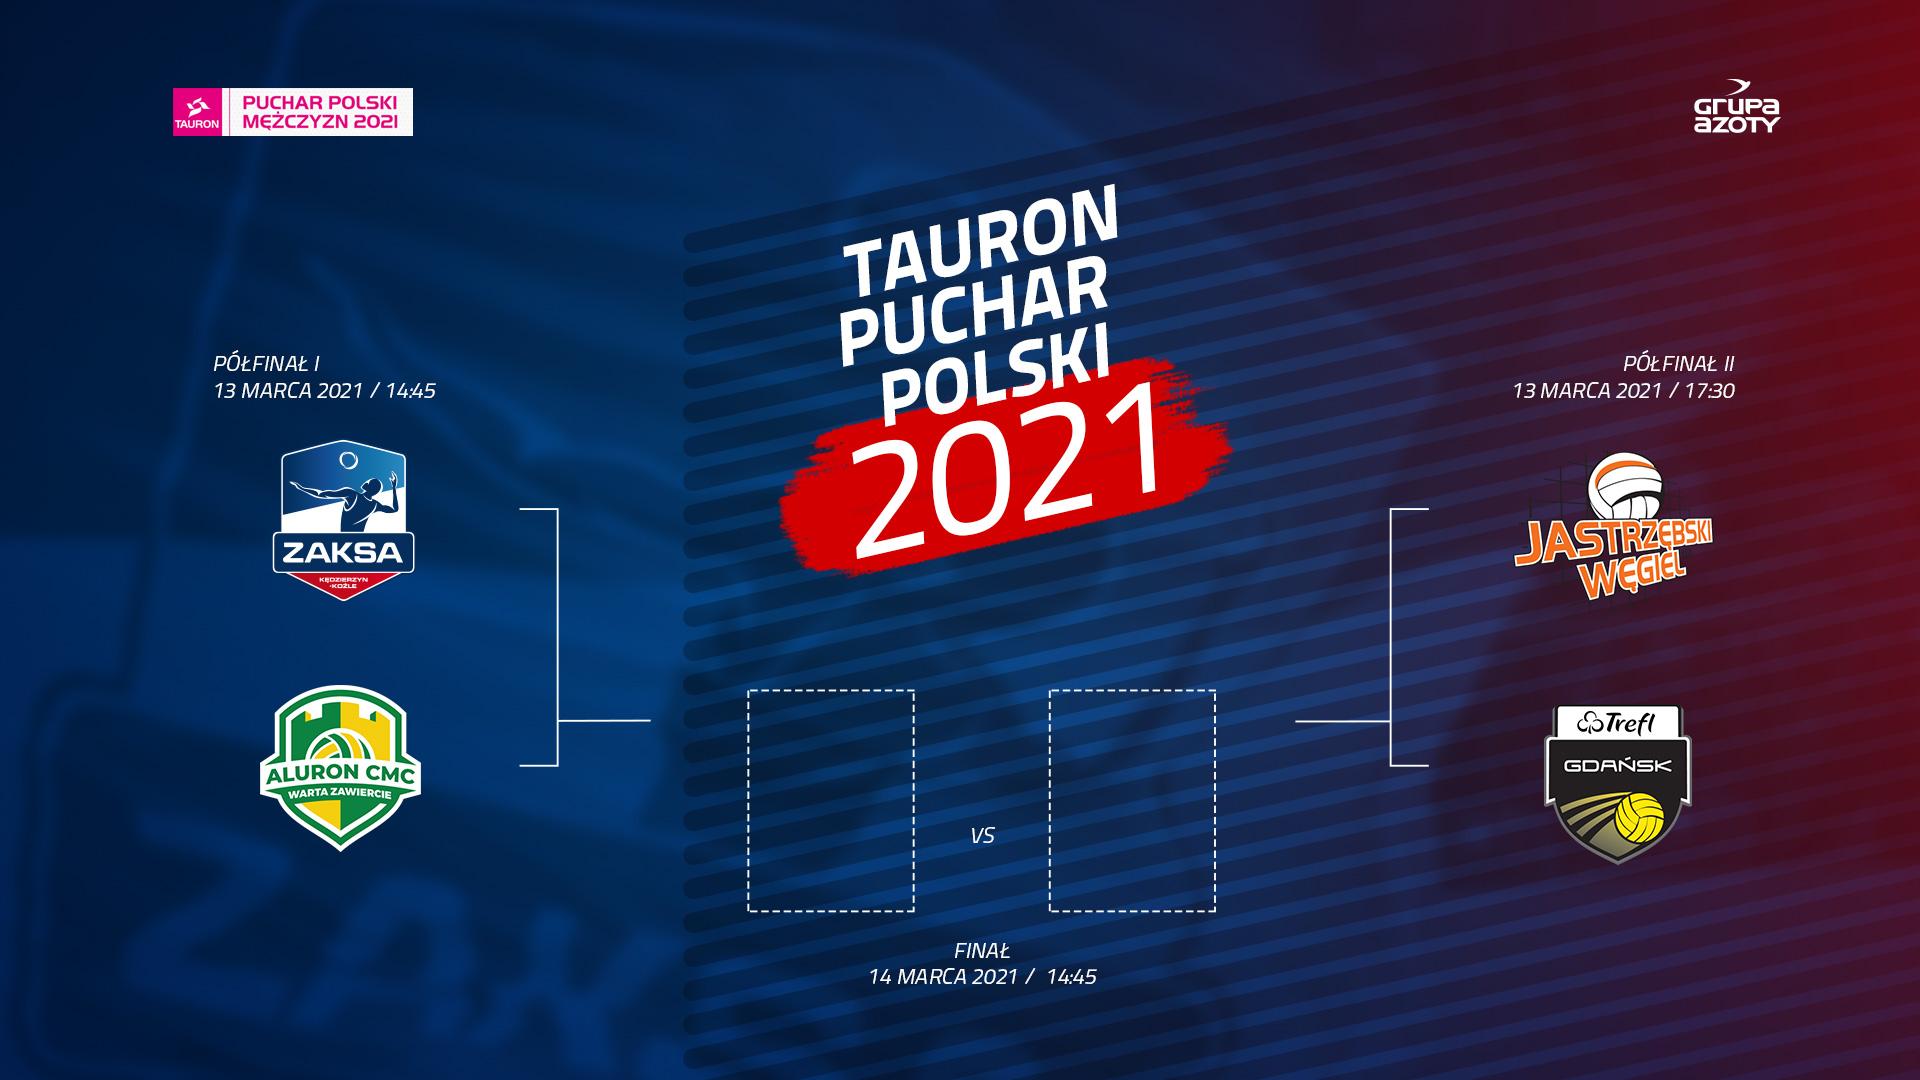 Grupa Azoty ZAKSA Kędzierzyn-Koźle w drodze po TAURON Puchar Polski 2021